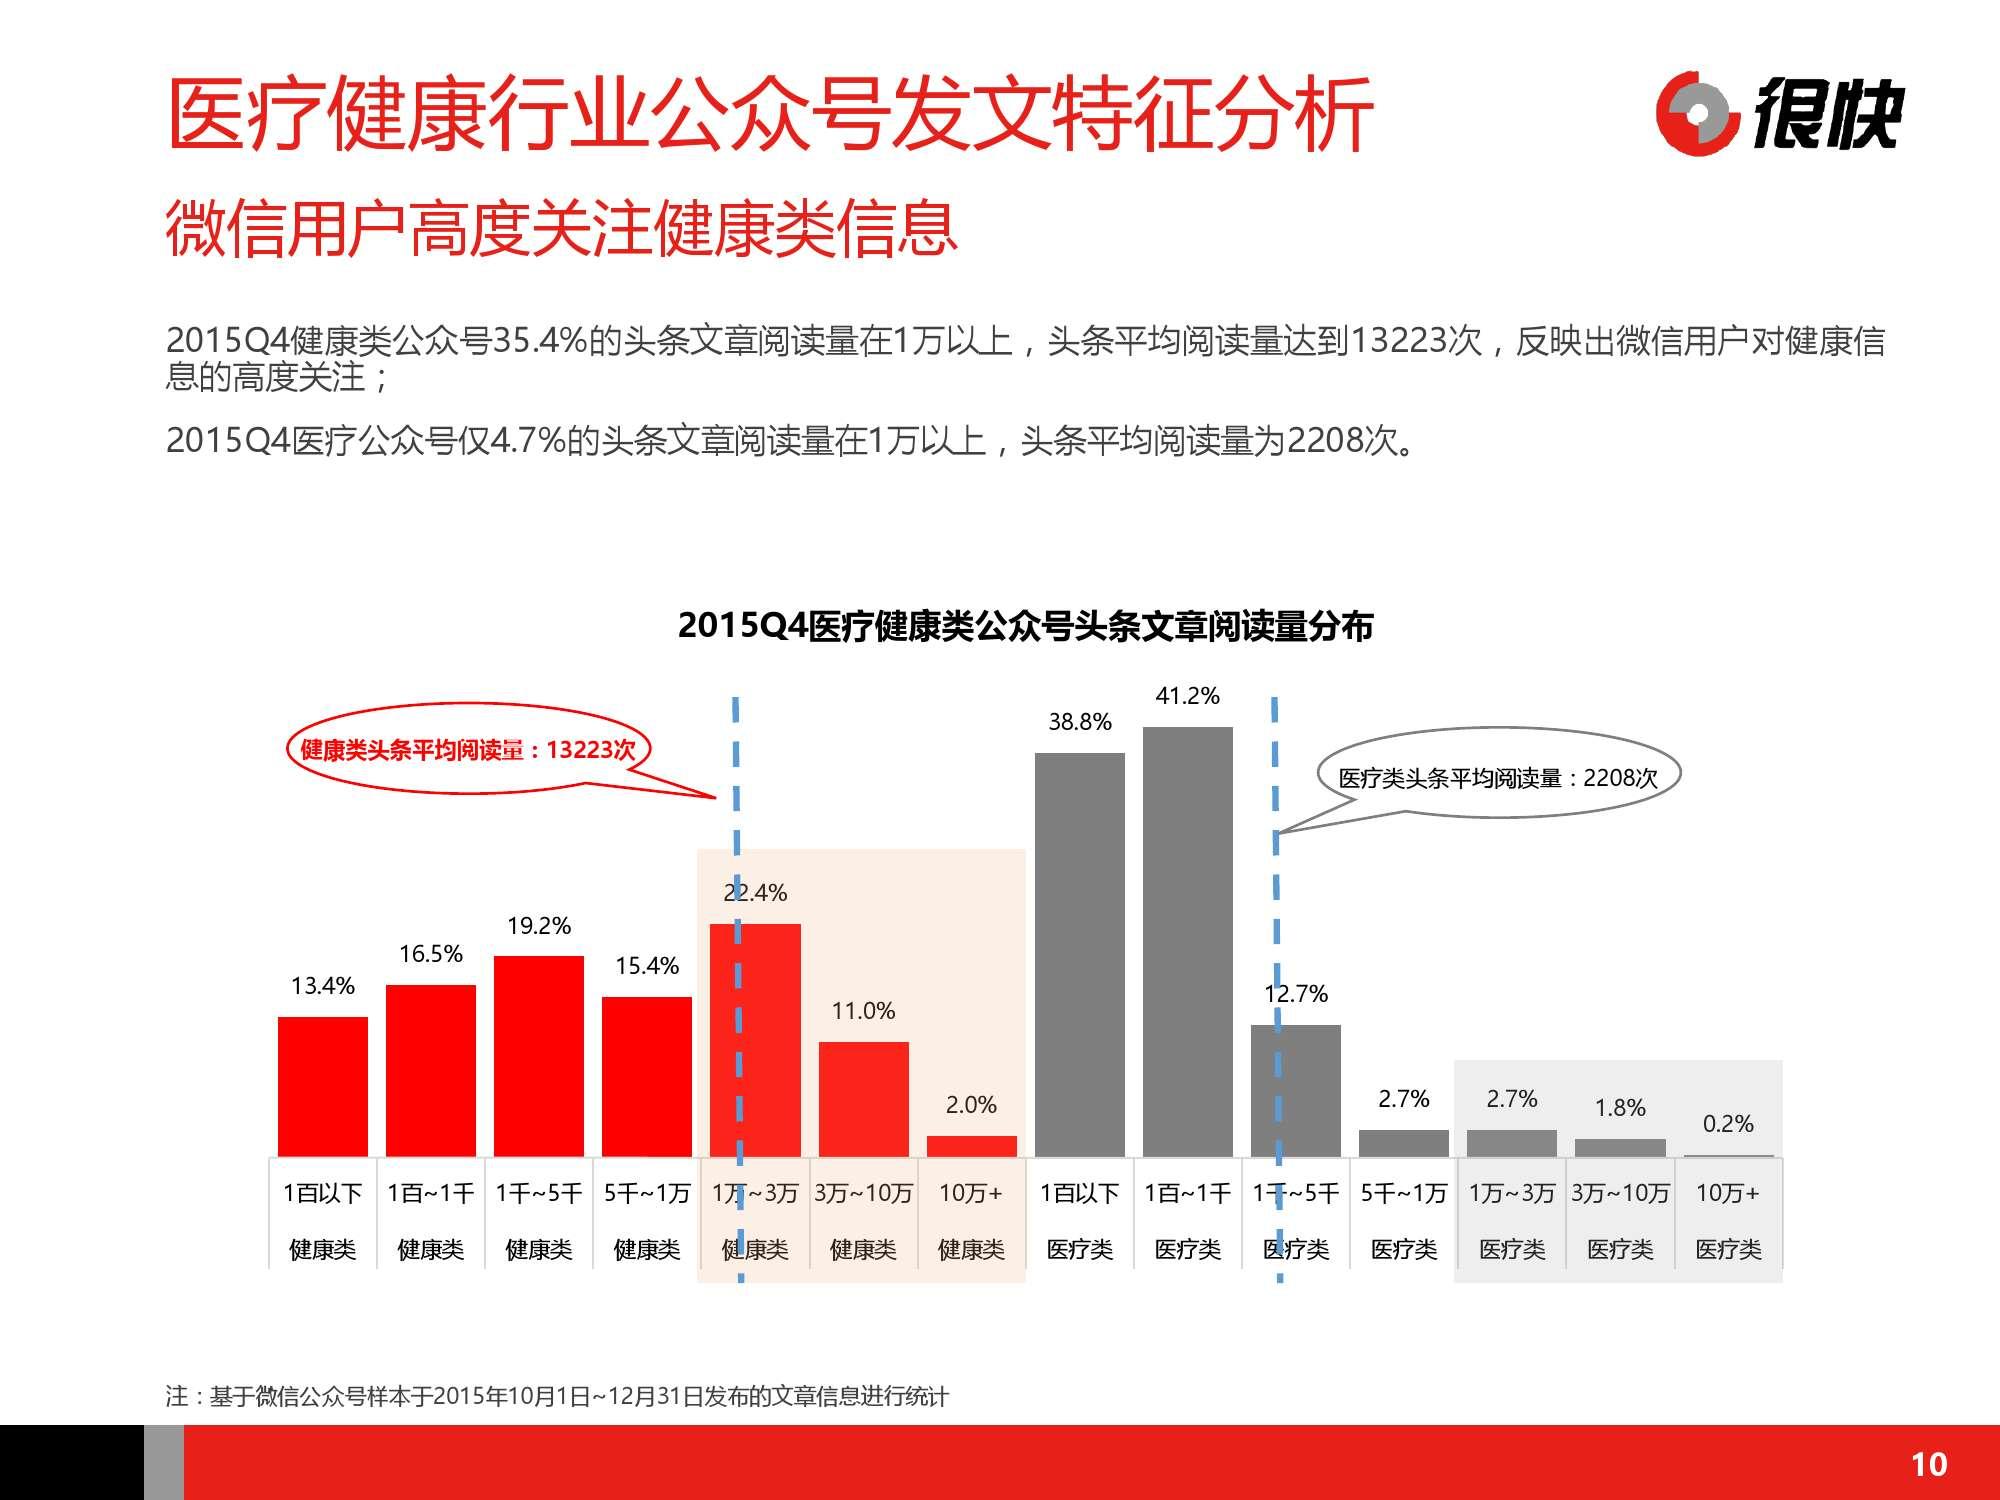 Henkuai-中国医疗健康行业公众号数据洞察报告-20160115_000010